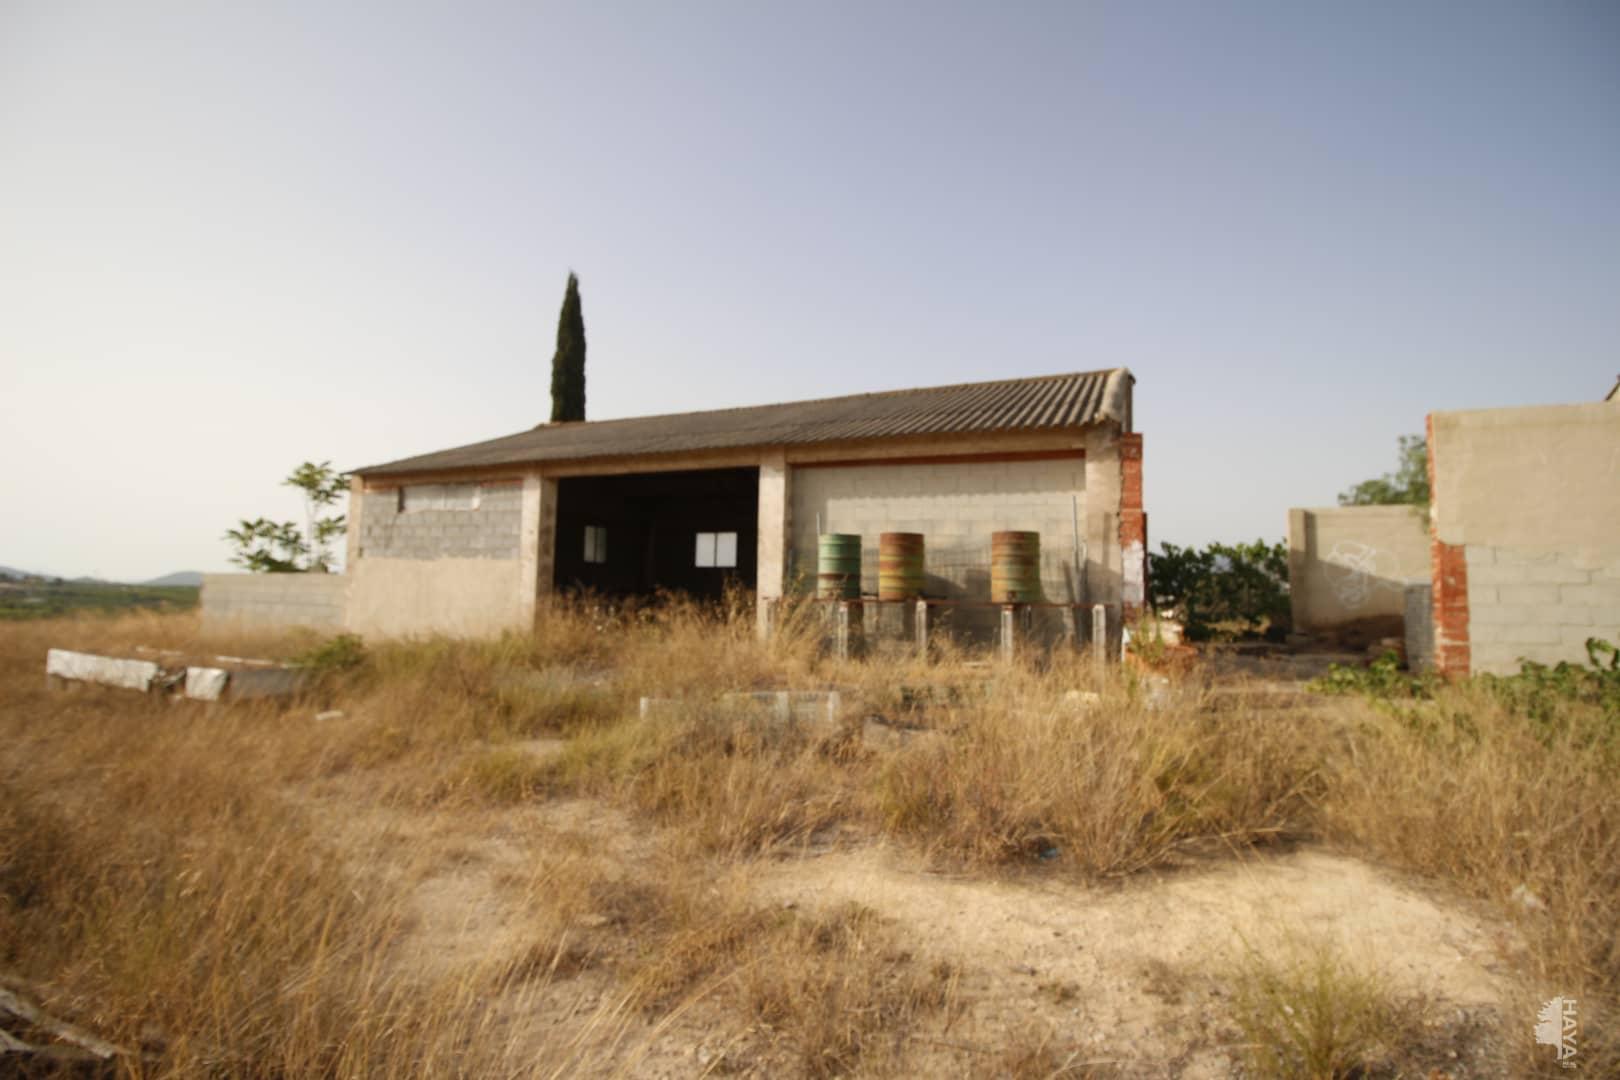 Industrial en venta en El Llano de Bullas, Bullas, Murcia, Carretera de Murcia, Paraje Pago del Malecón, 23.870 €, 280 m2